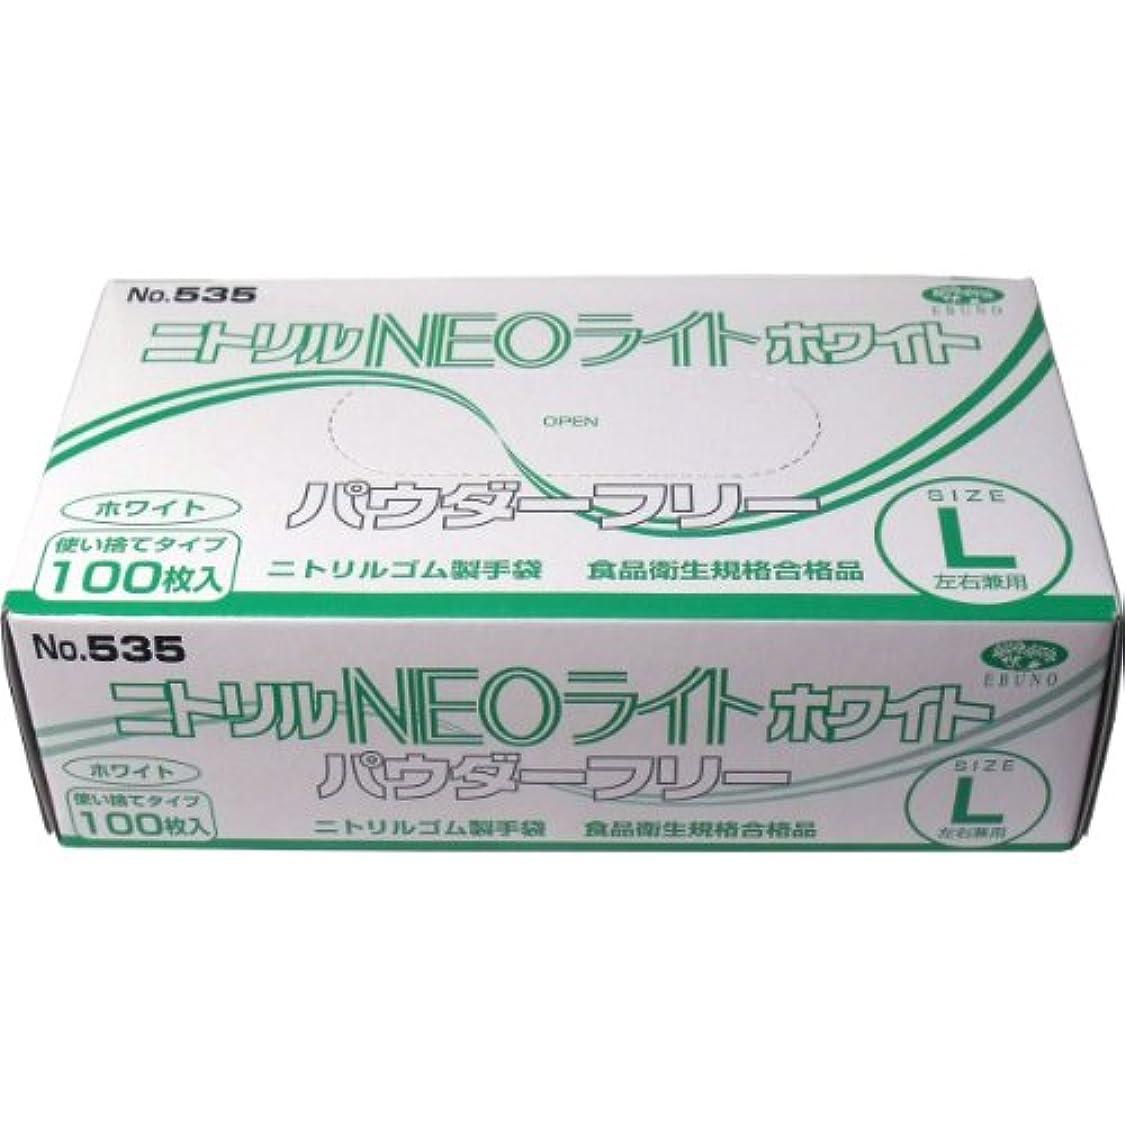 絡み合い失敗ヤングエブノ No.535 ニトリル手袋 ネオライト パウダーフリー ホワイト Lサイズ 100枚入